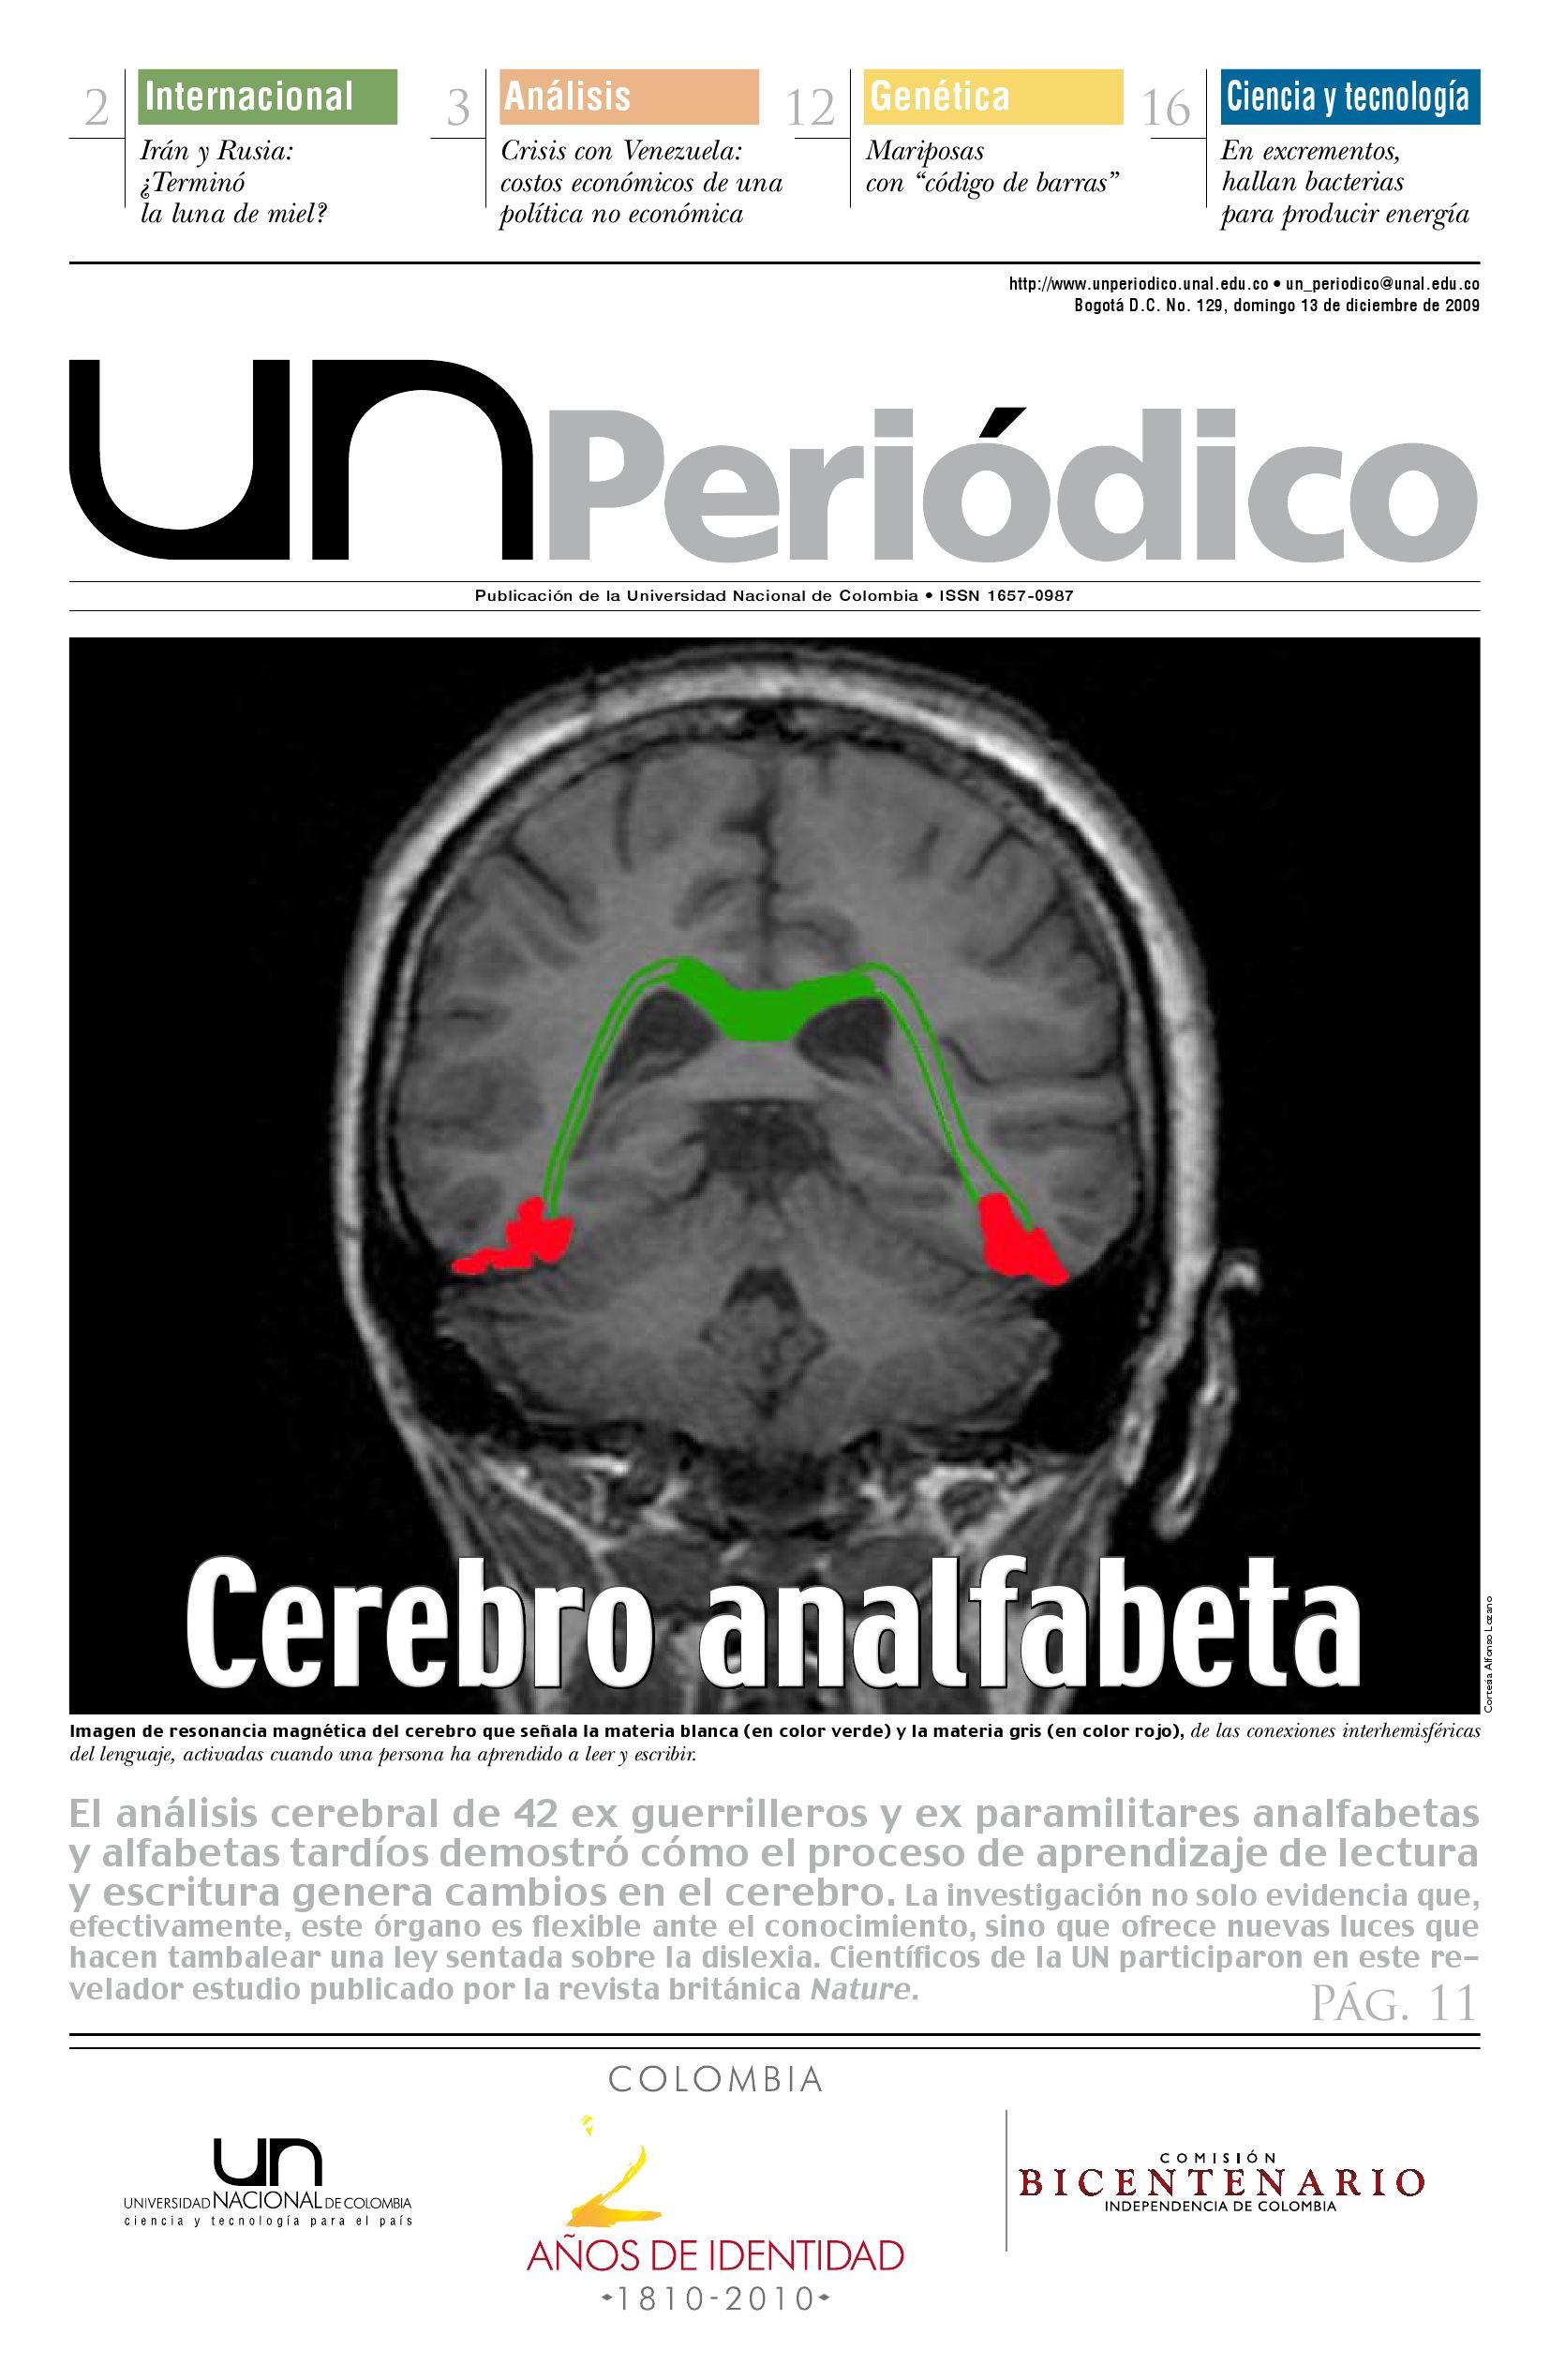 Como afecta o cerebro humano a ultrasonido faio